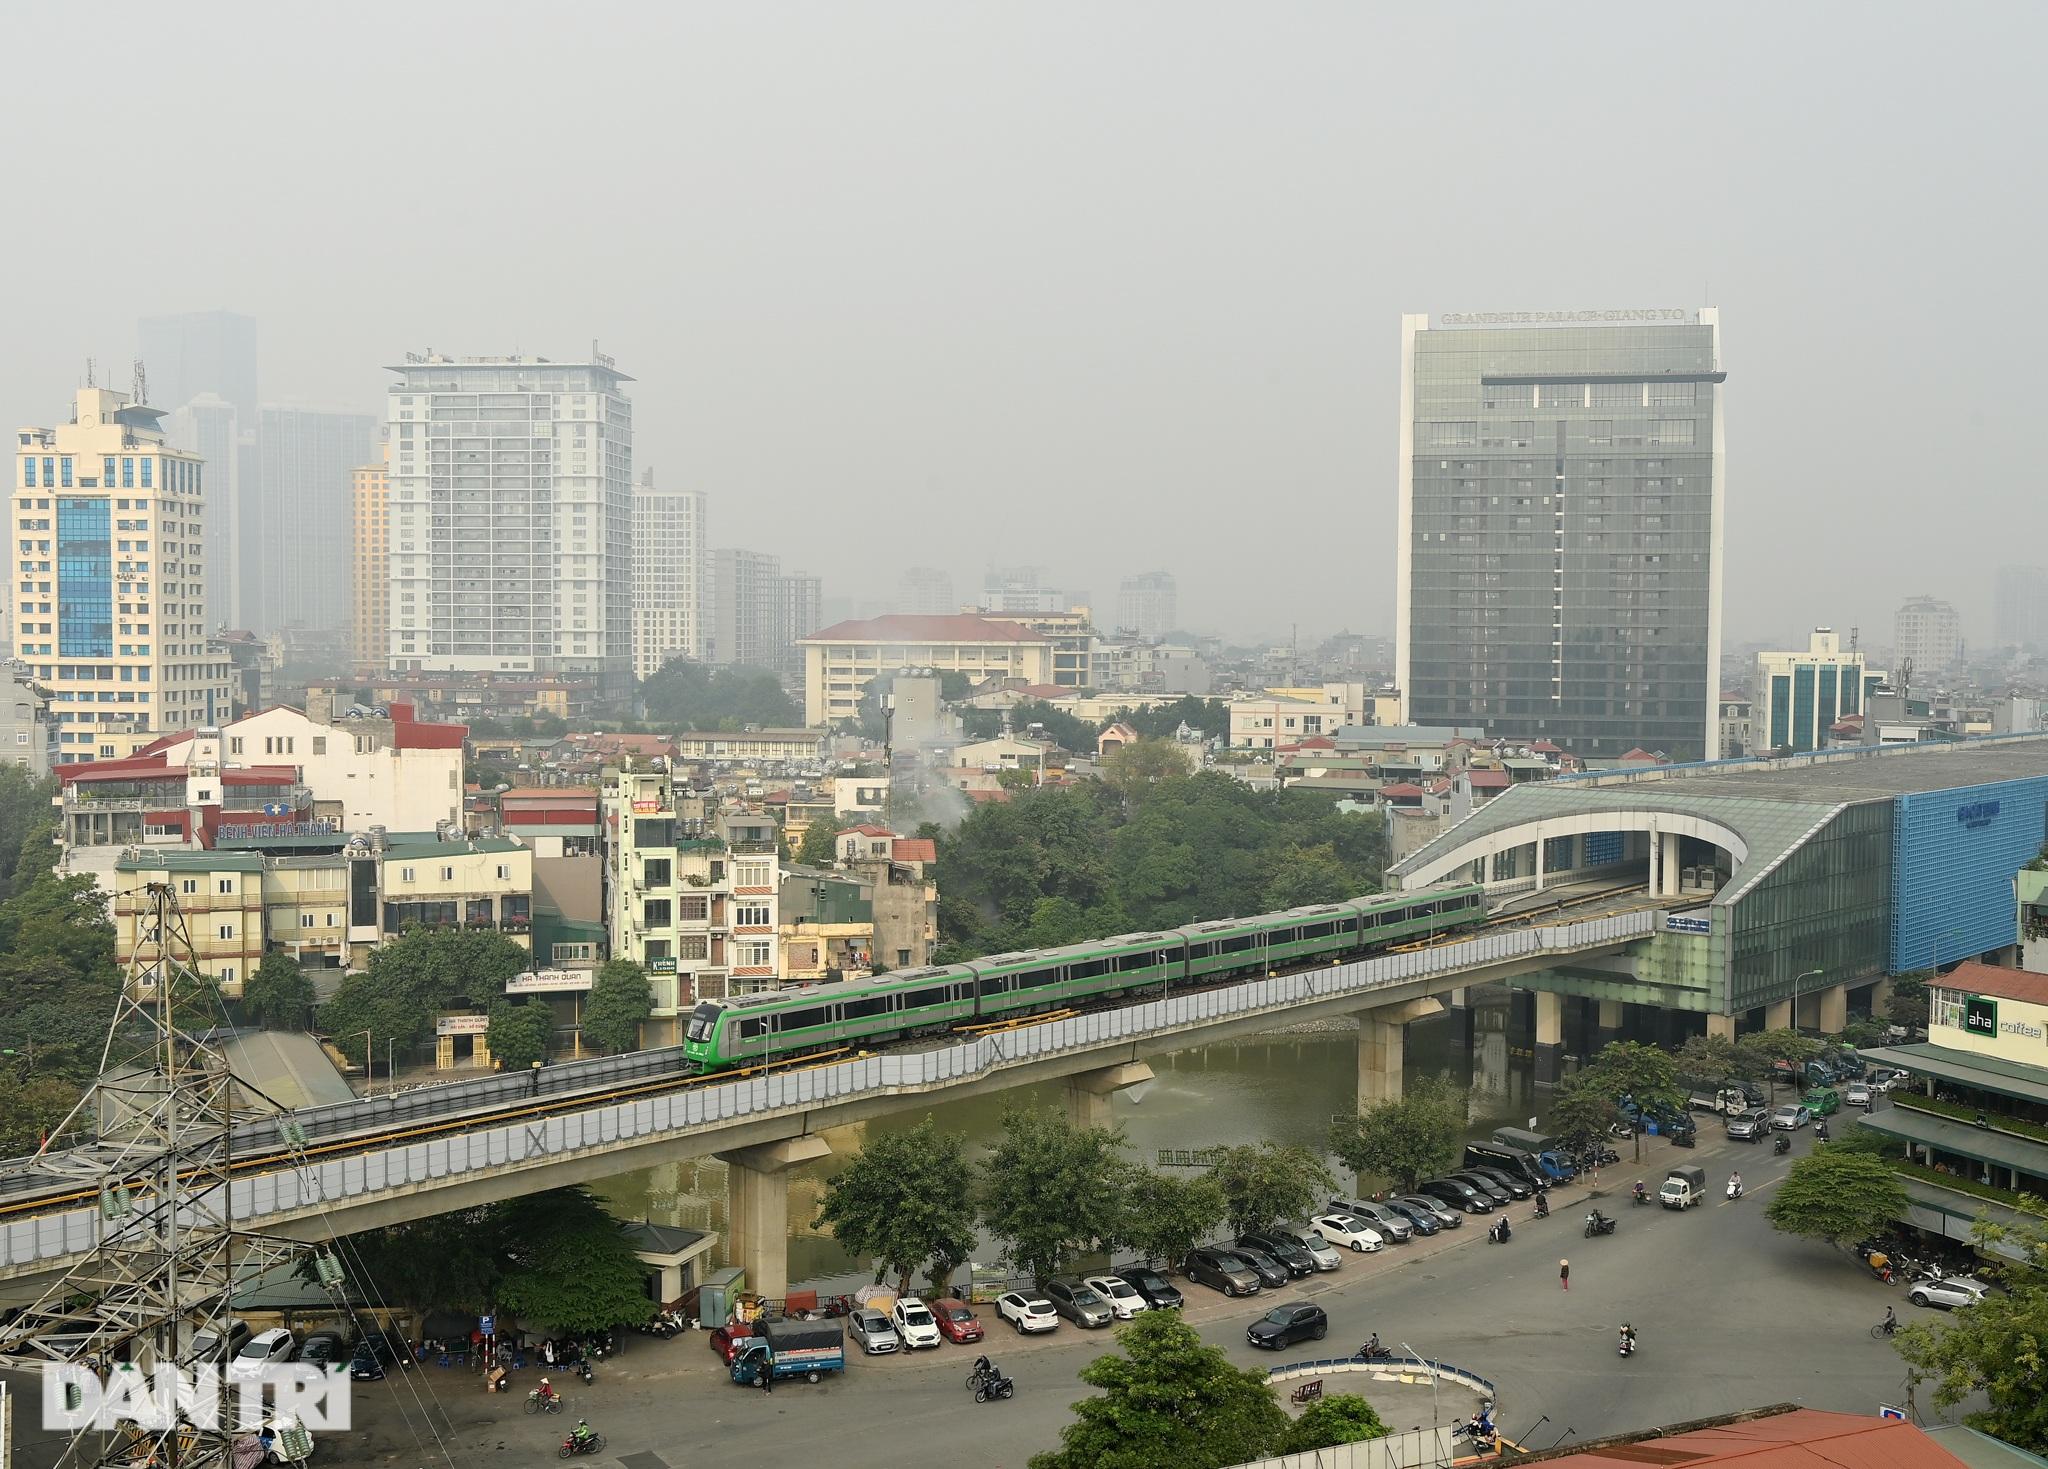 Toàn cảnh 9 đoàn tàu đường sắt Cát Linh - Hà Đông băng băng qua các nhà ga - 21